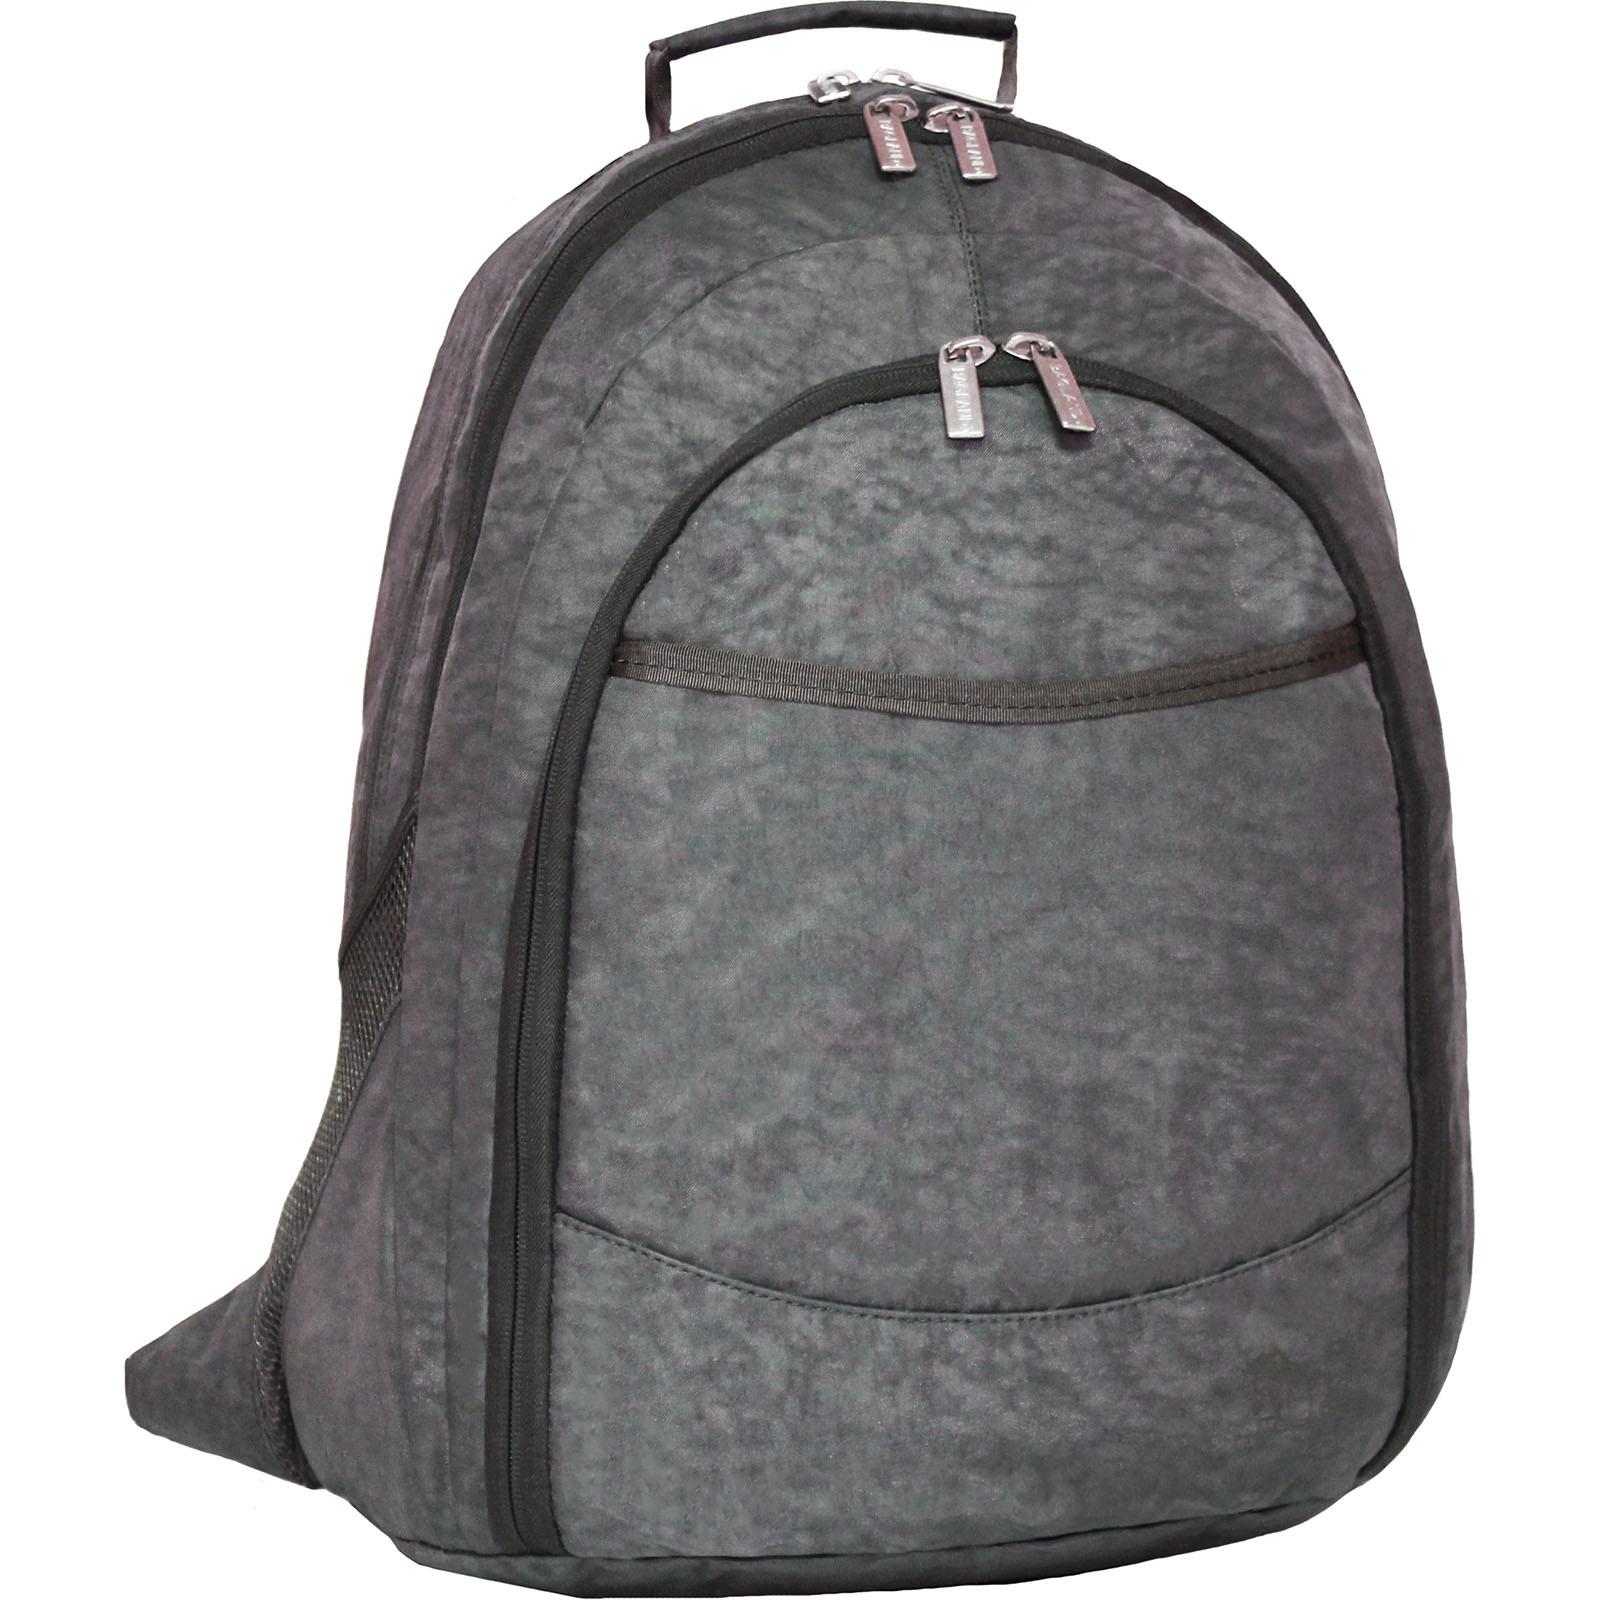 Городские рюкзаки Рюкзак Bagland Сити max 34 л. Хаки (0053970) IMG_4048.JPG